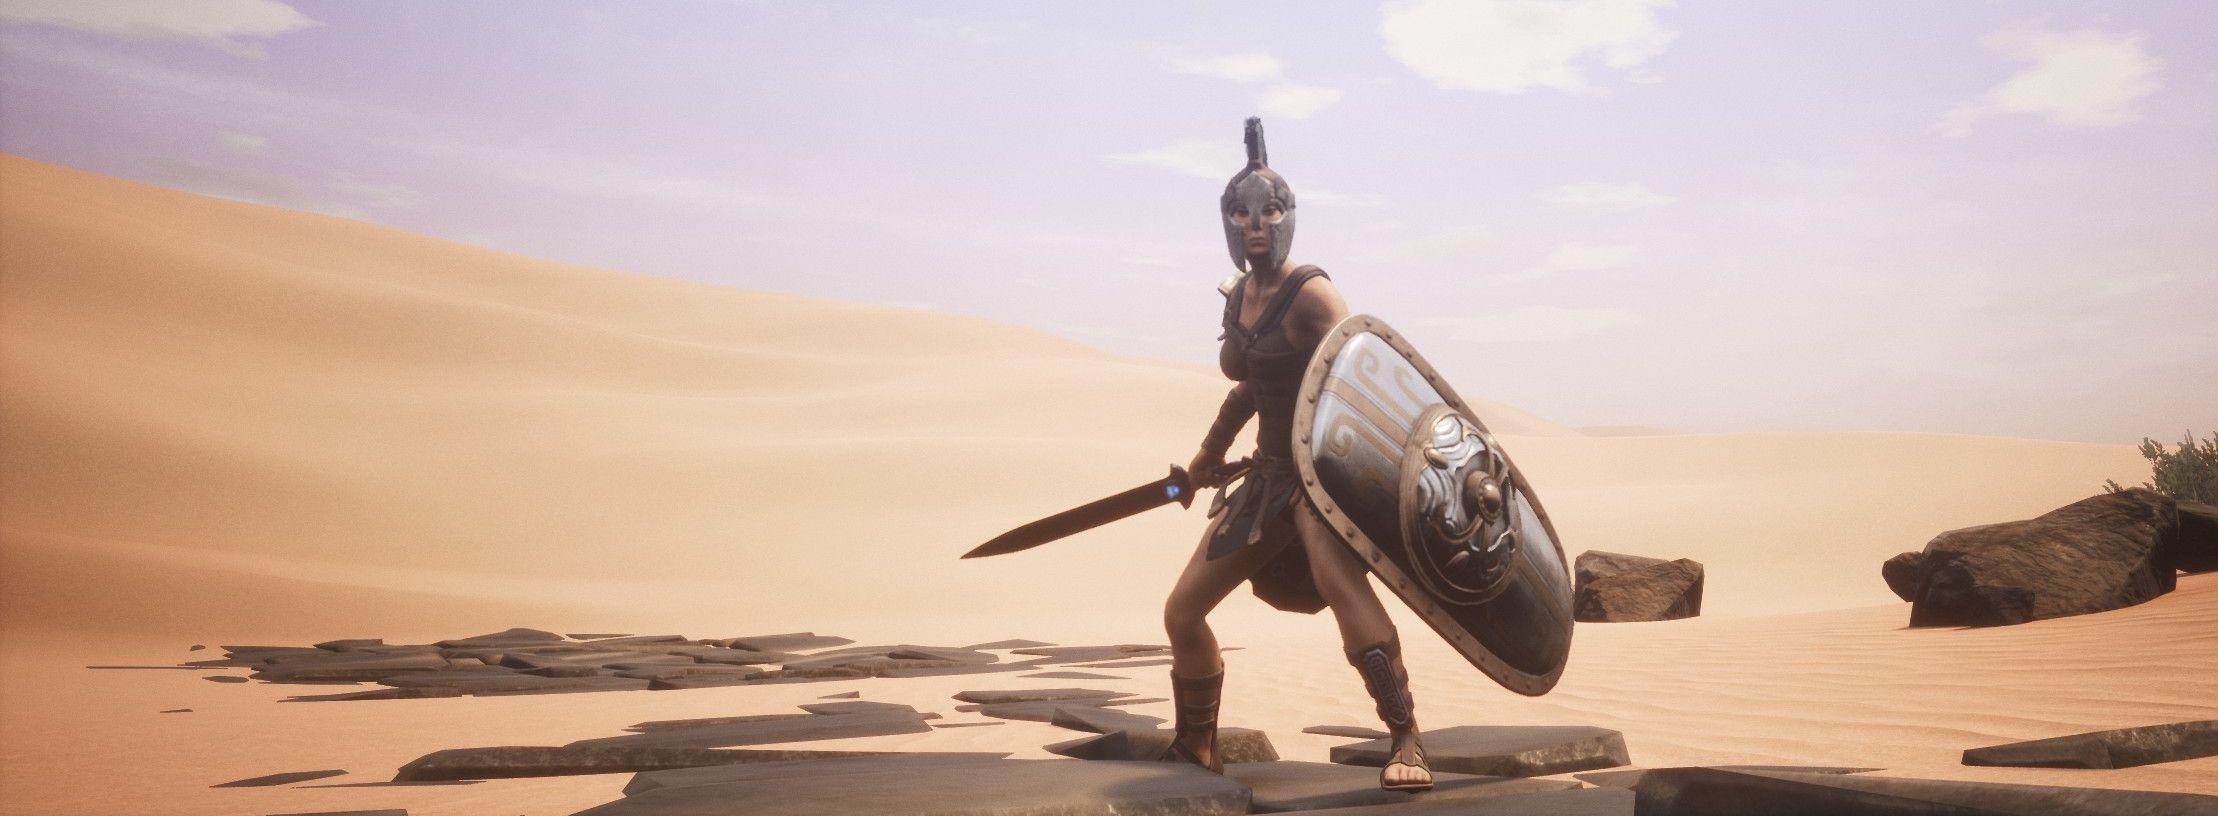 Conan Exiles wollte es nicht, aber seht hier den unangekündigten DLC